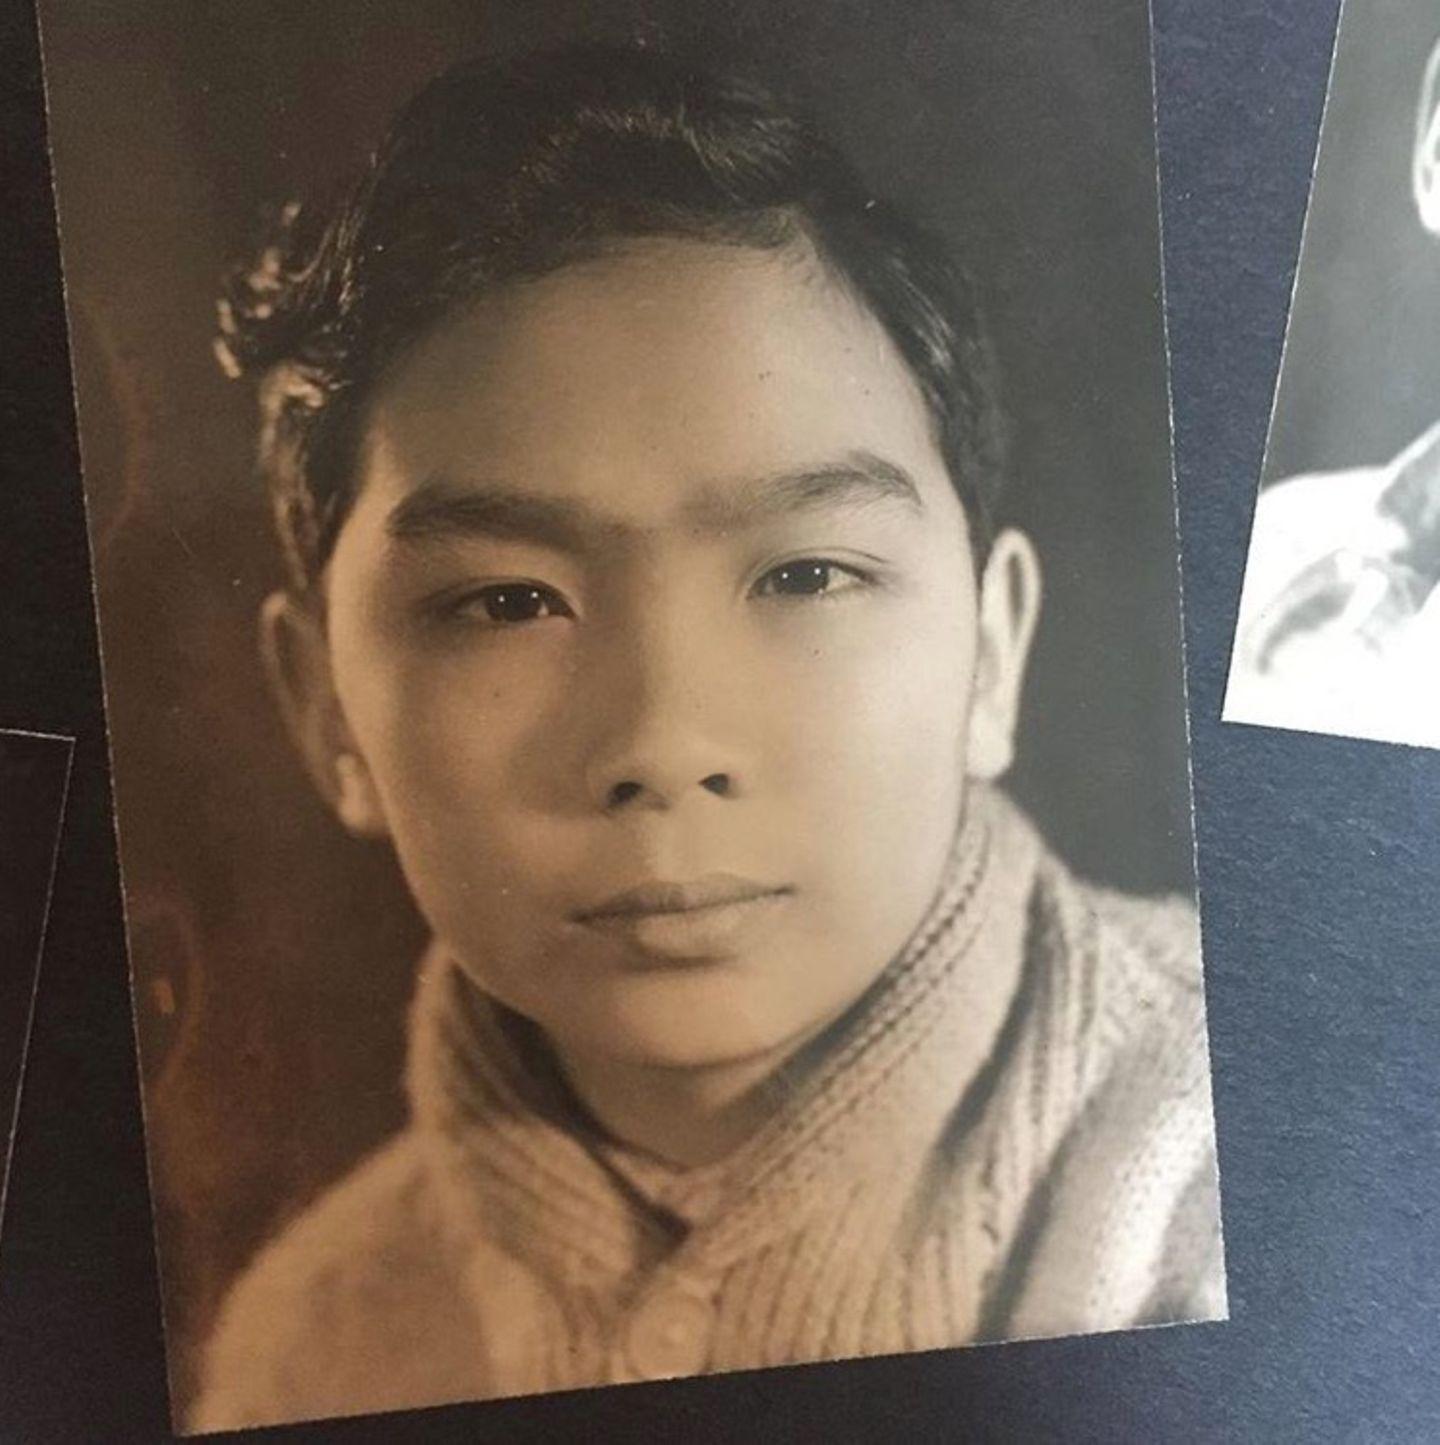 """Mit diesem Jugendfoto ihres Vater Philip, grüßt Model Alexa Chung zum Vatertag. """"Danke für die Augenbrauen"""", postet sie scherzend dazu."""